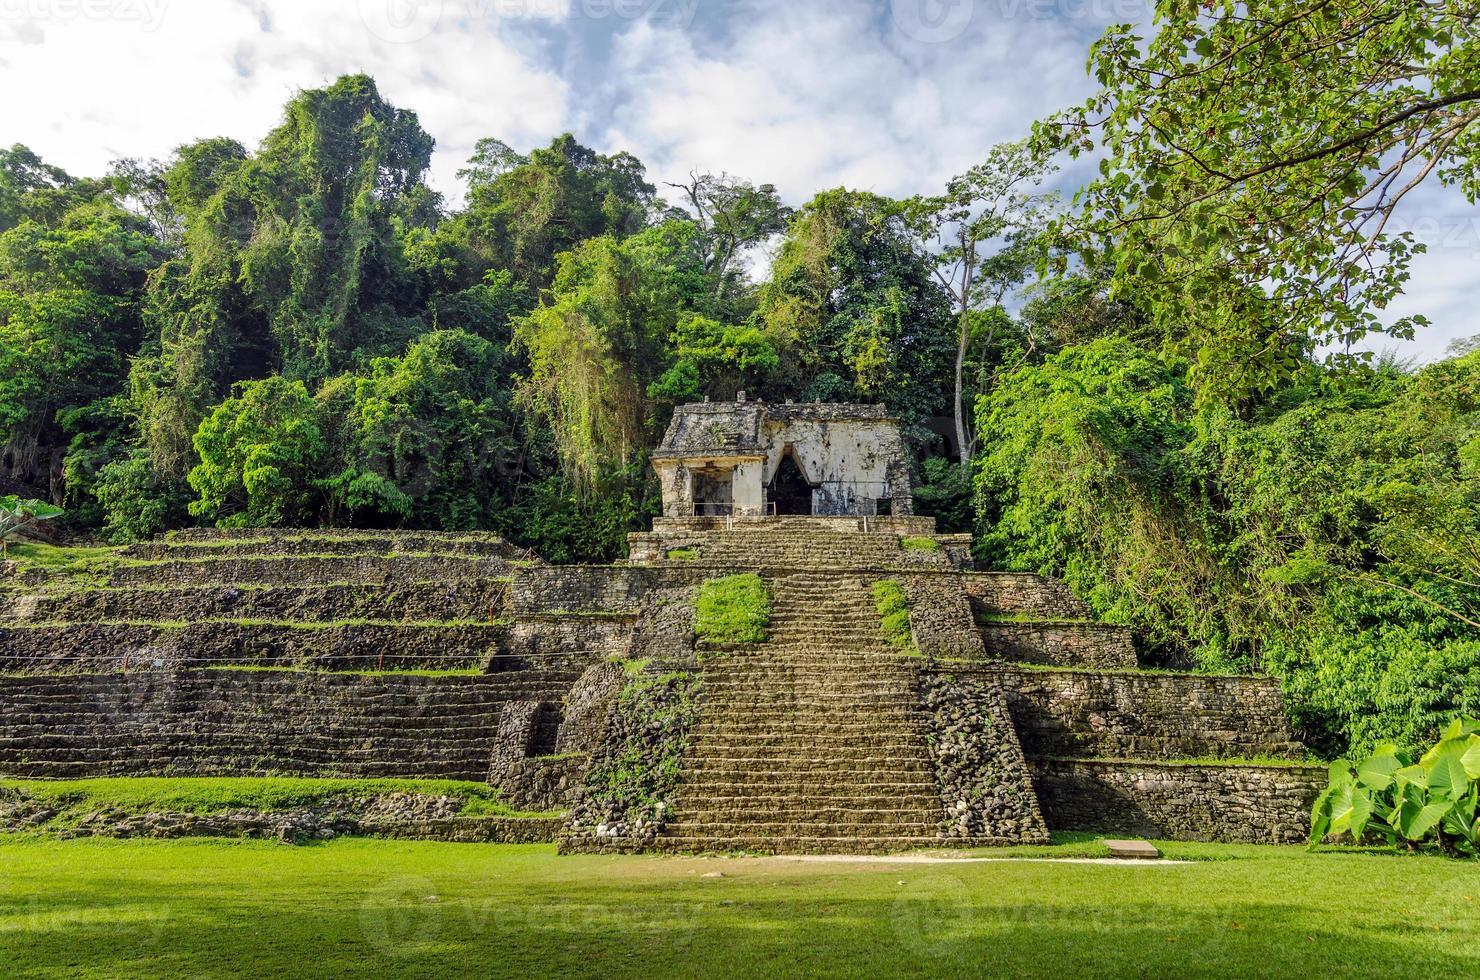 oude tempel en jungle foto